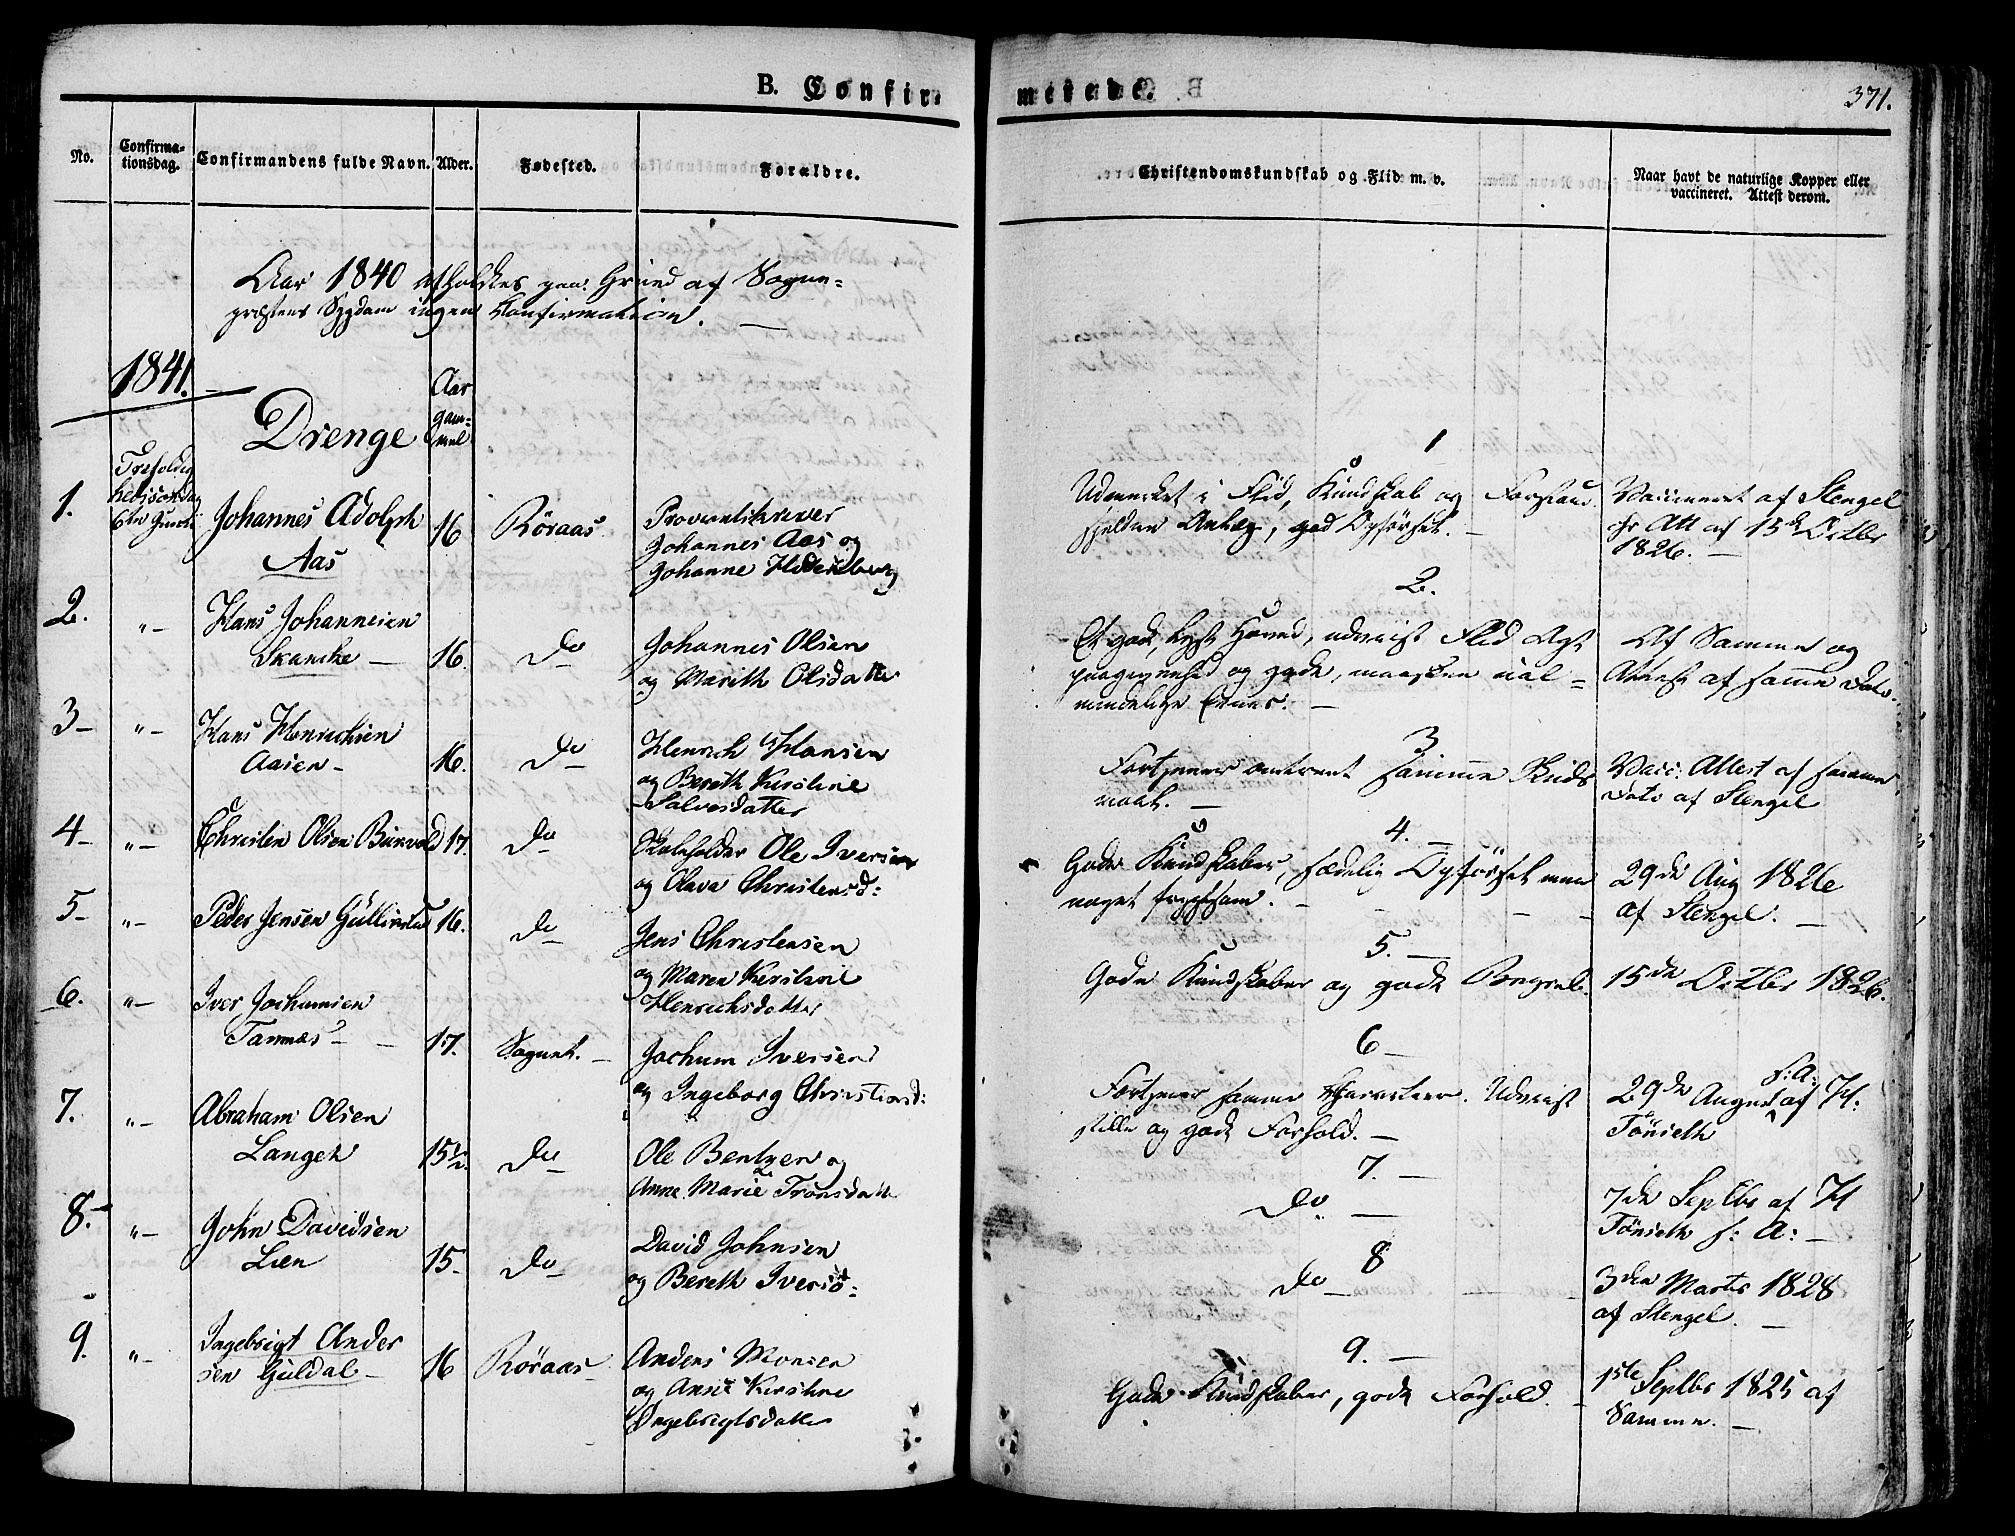 SAT, Ministerialprotokoller, klokkerbøker og fødselsregistre - Sør-Trøndelag, 681/L0930: Ministerialbok nr. 681A08, 1829-1844, s. 371